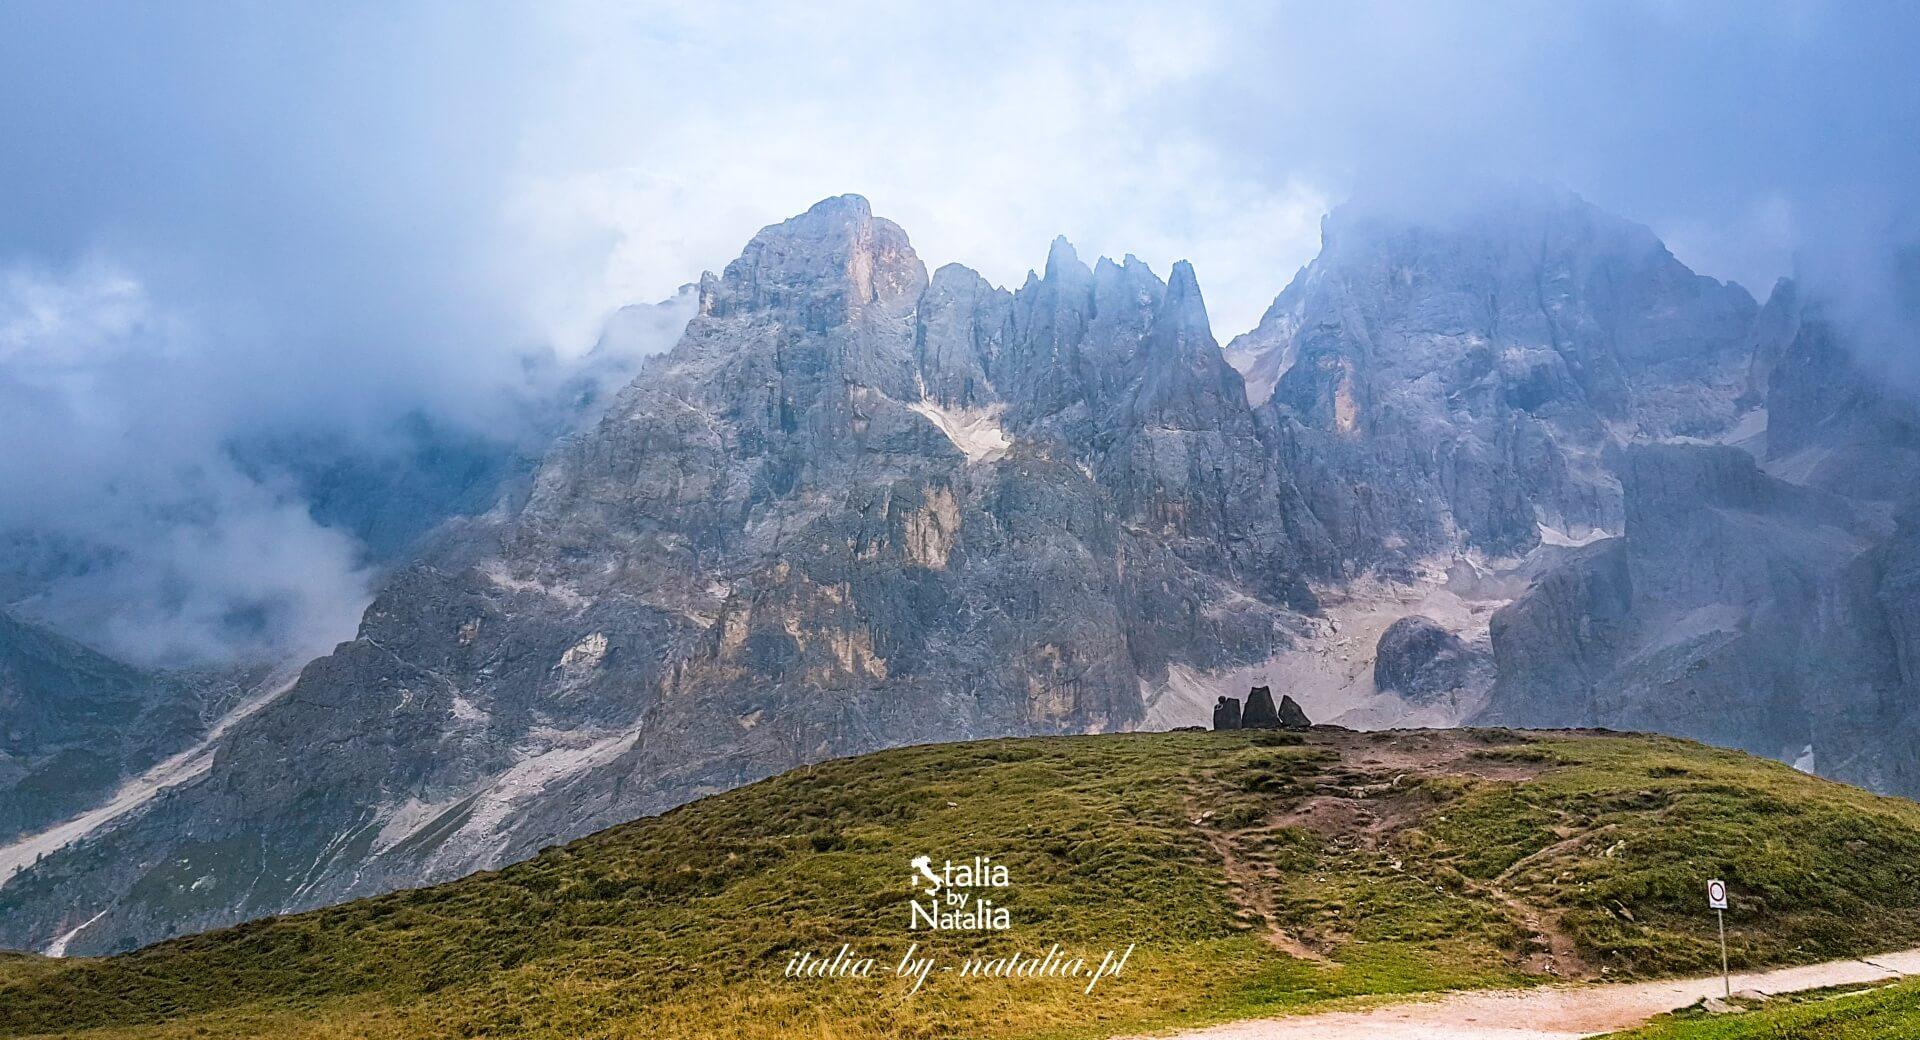 Baita Segantini schronisko górskie z pięknym widokiem Dolomity Passo Rolle Pale di San Martino